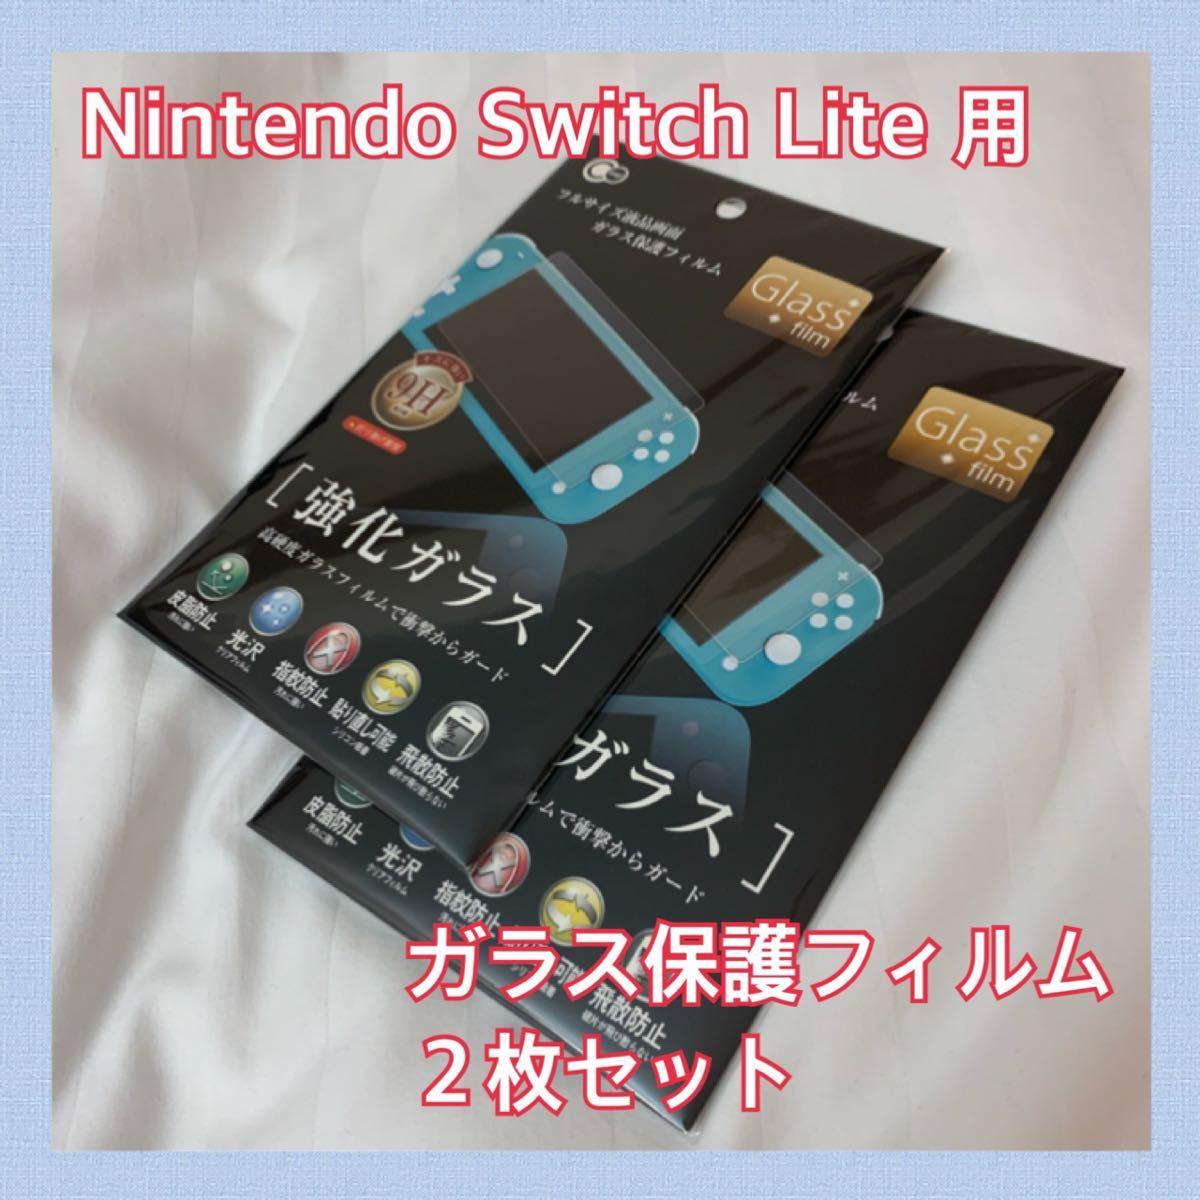 【Nintendo Switch Lite 用】ガラス保護フィルム 2枚セット